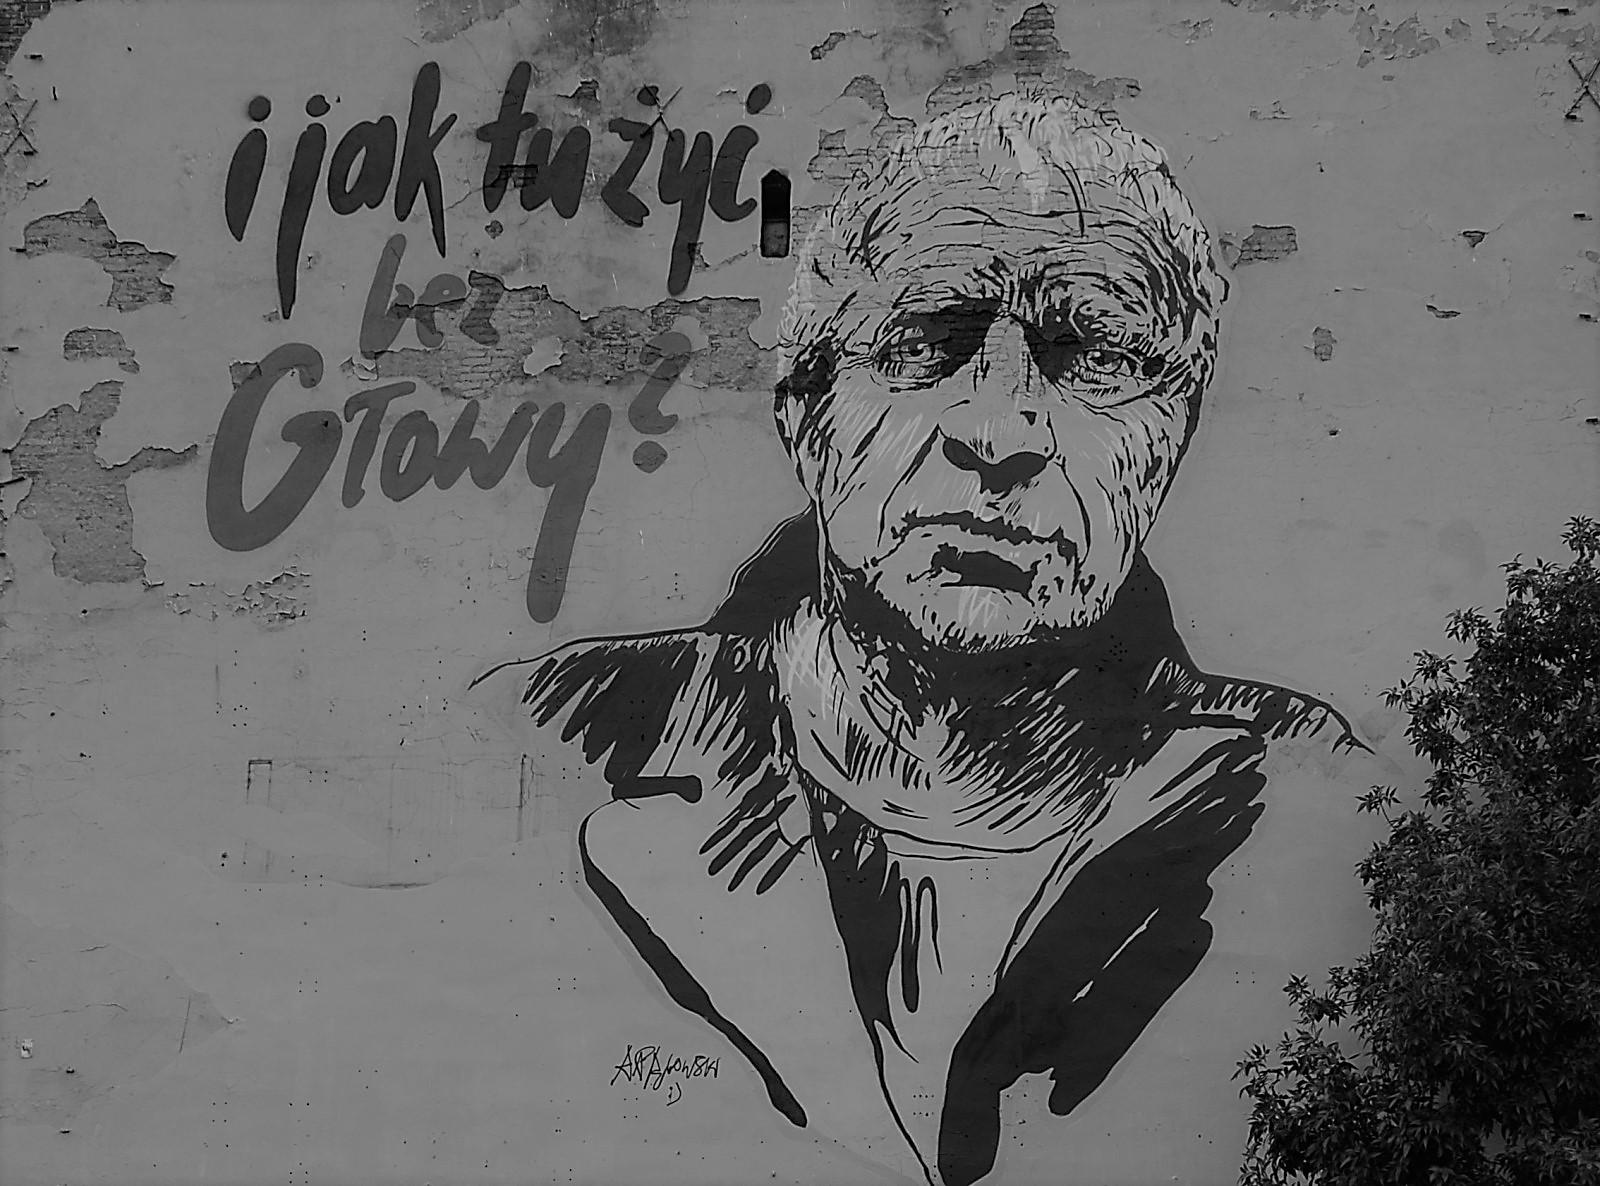 Czarno-białe zdjęcie napisu irysunku mężczyzny naścianie bloku.